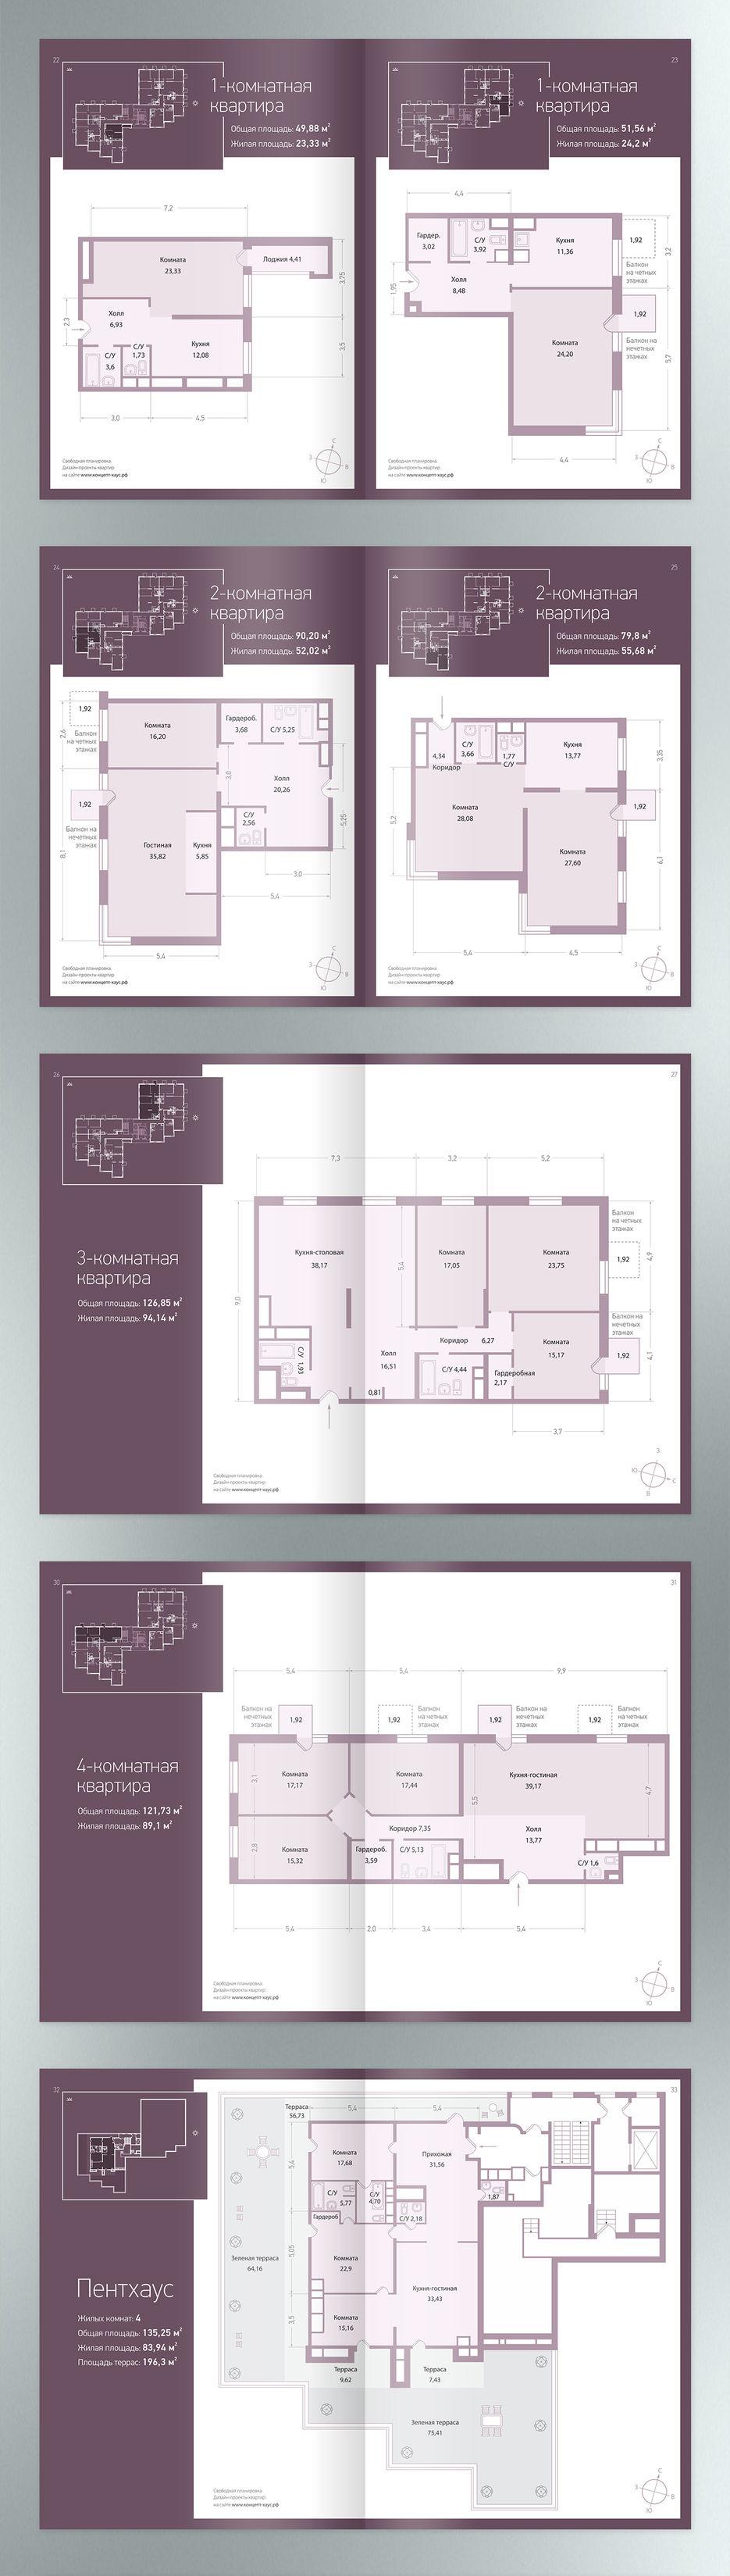 Развороты с планировками квартир (от меньших к большим)